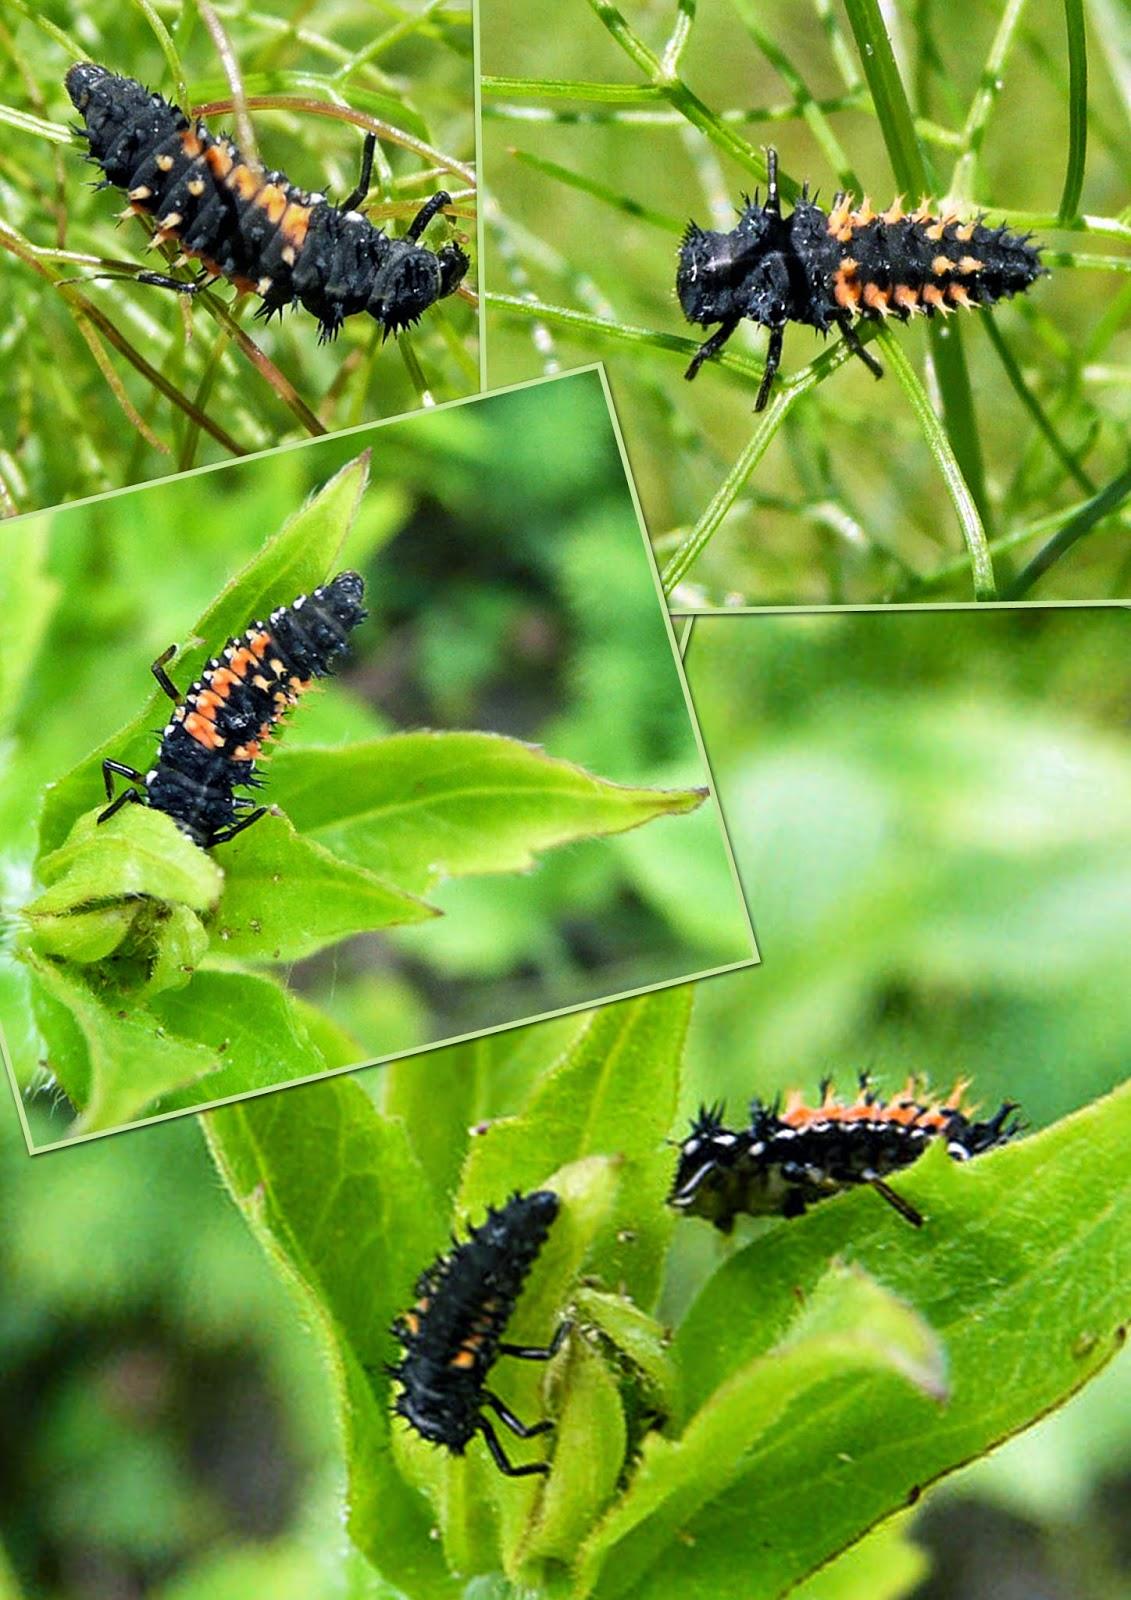 Coquelicots coquillages et belles pages red code larves coccinelles asiatiques - Larve de coccinelle ...